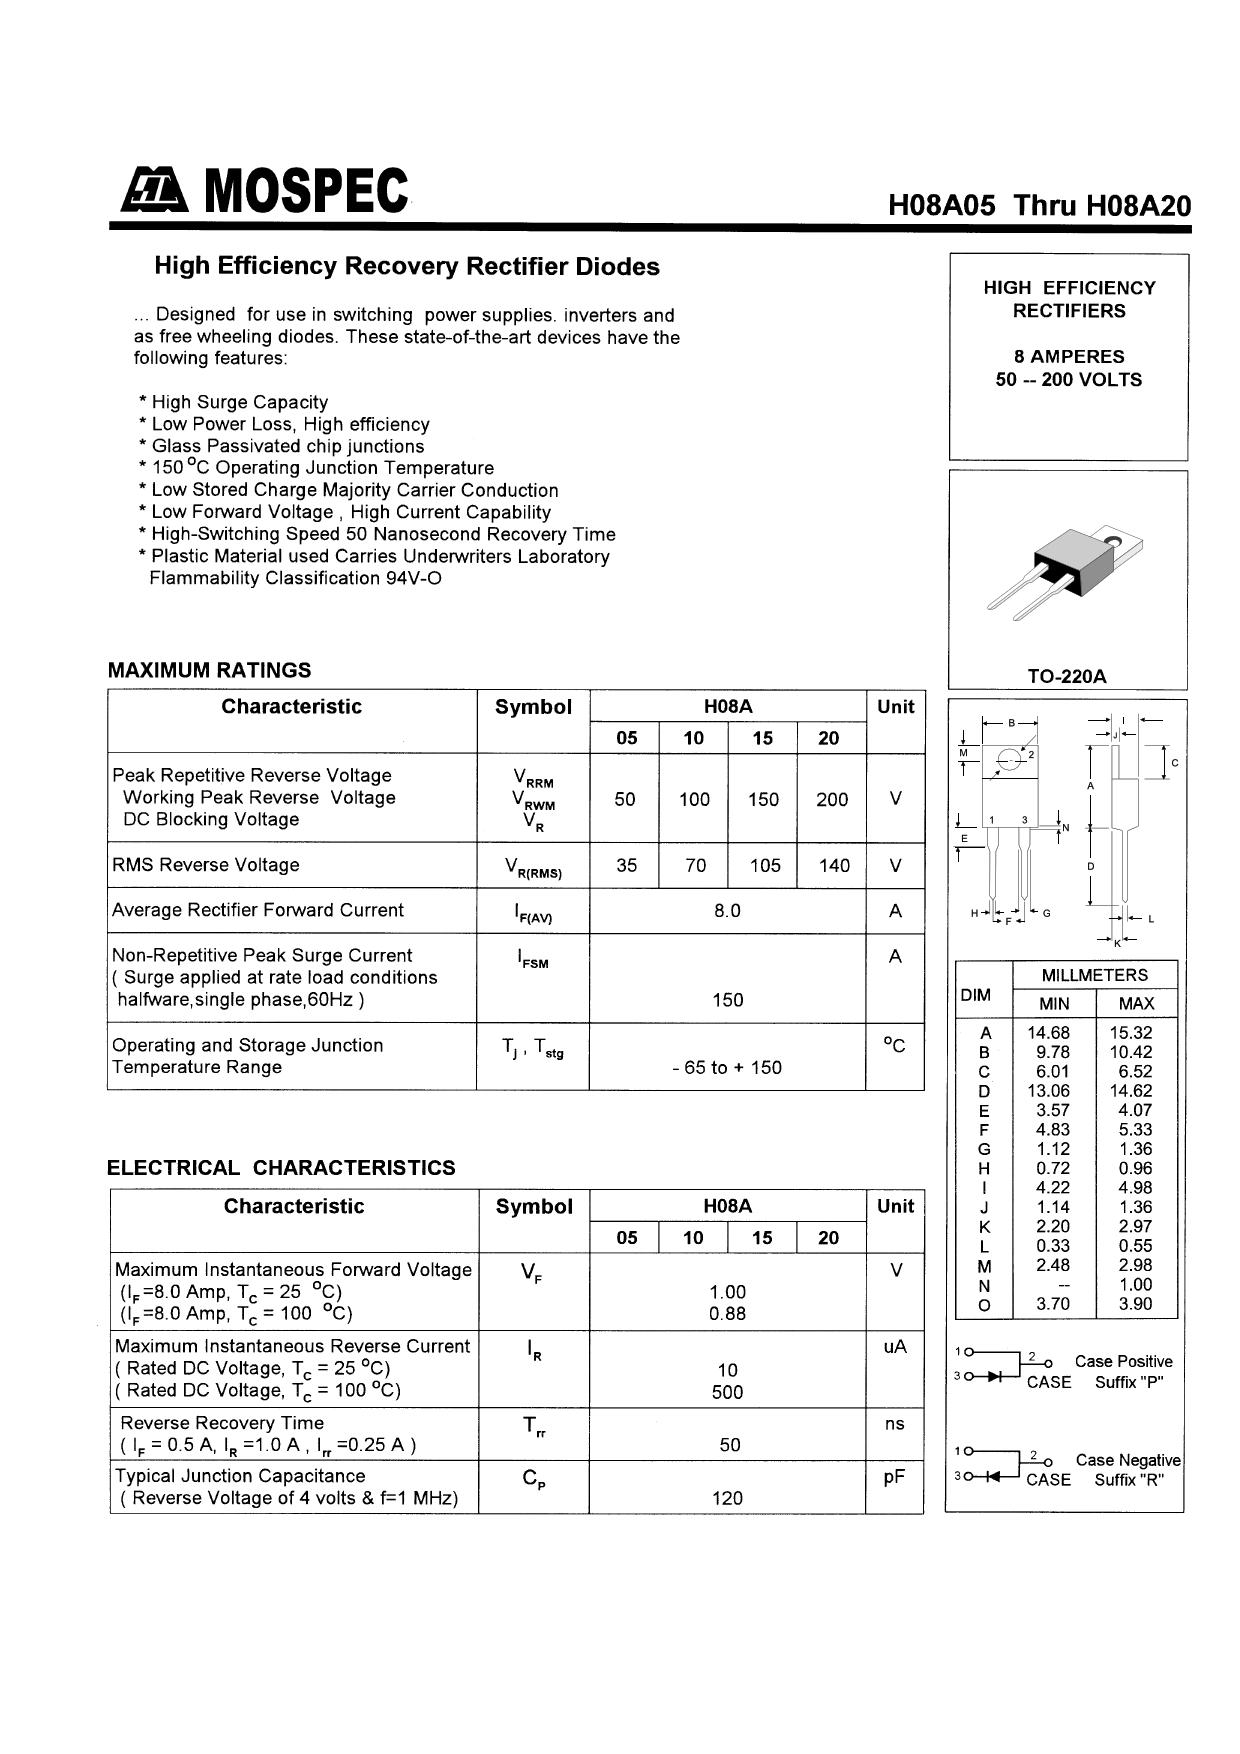 H08A15 datasheet